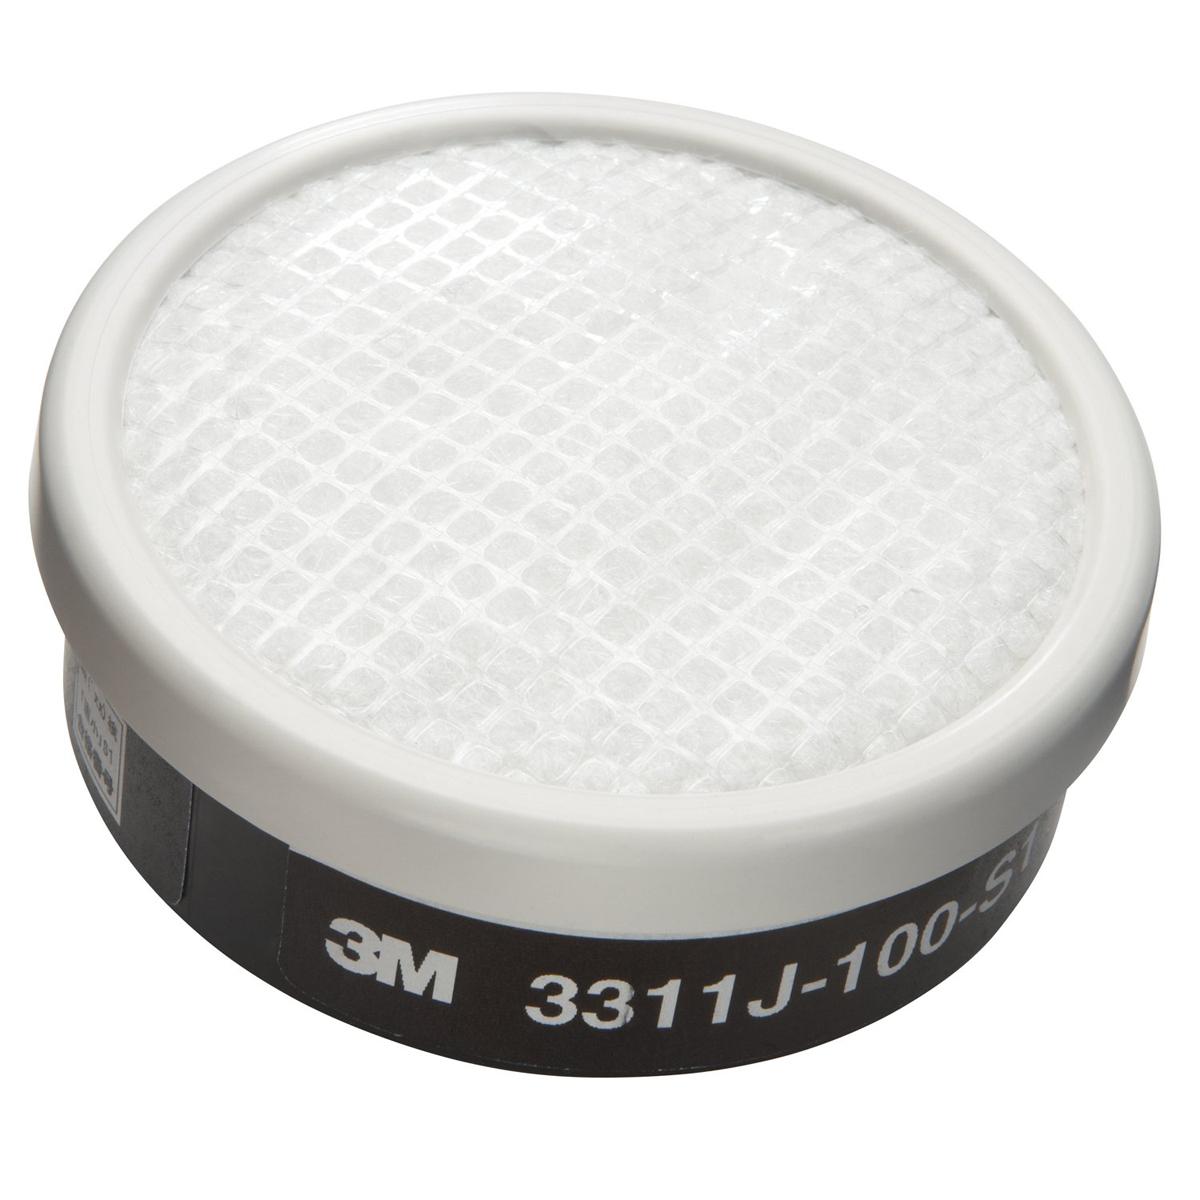 スリーエム 当店は最高な サービスを提供します ジャパン 株 有名な 保護具 防毒マスク 防毒マスク用吸収缶 402-8431 3311J-100ーS1 1個 3311J-100 有機ガス用吸収缶 3M